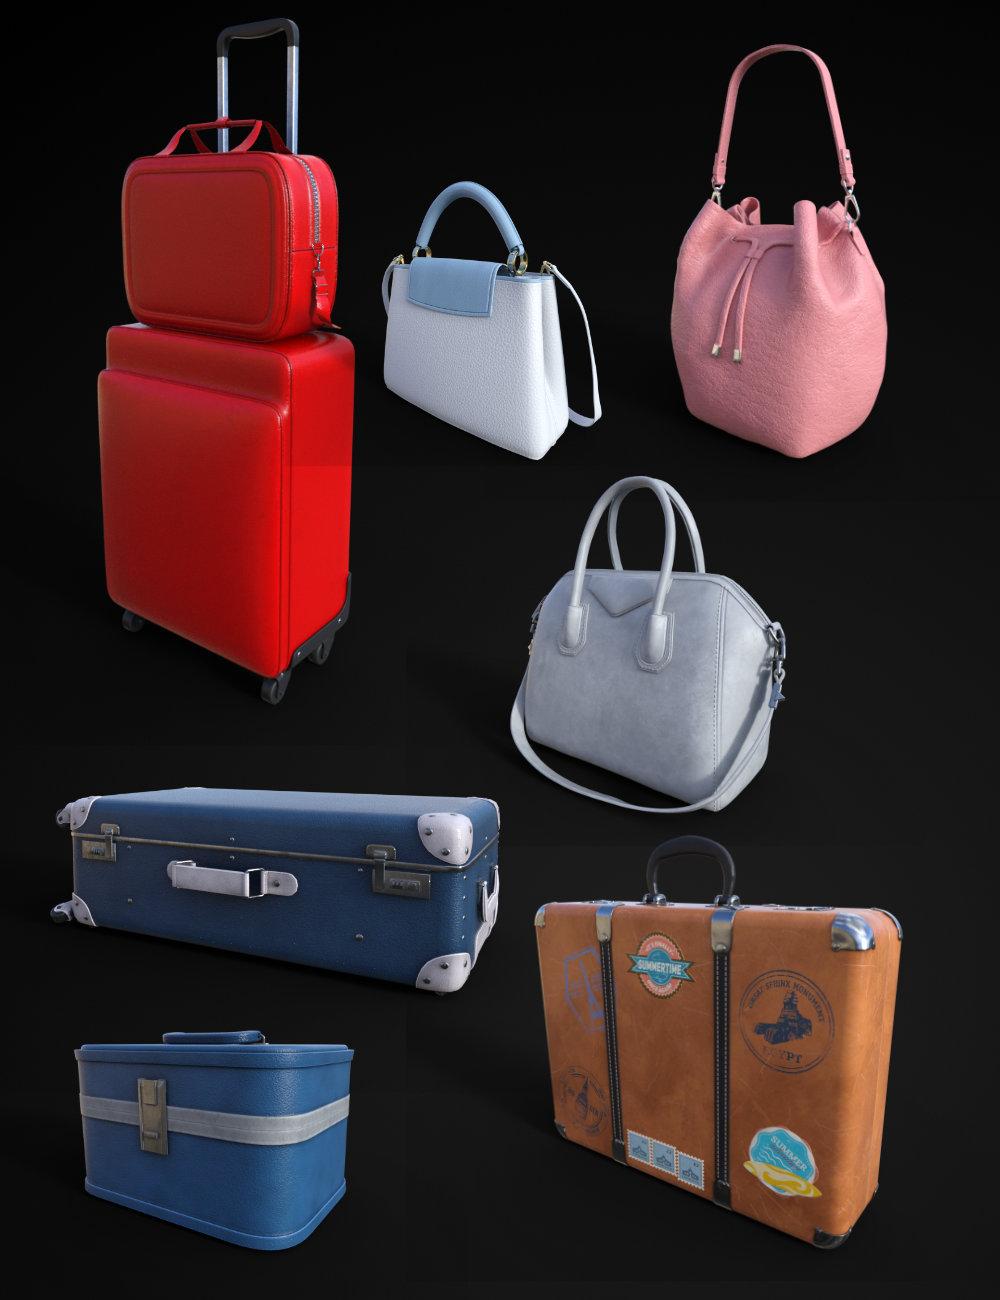 FG Luggage by: Fugazi1968Ironman, 3D Models by Daz 3D